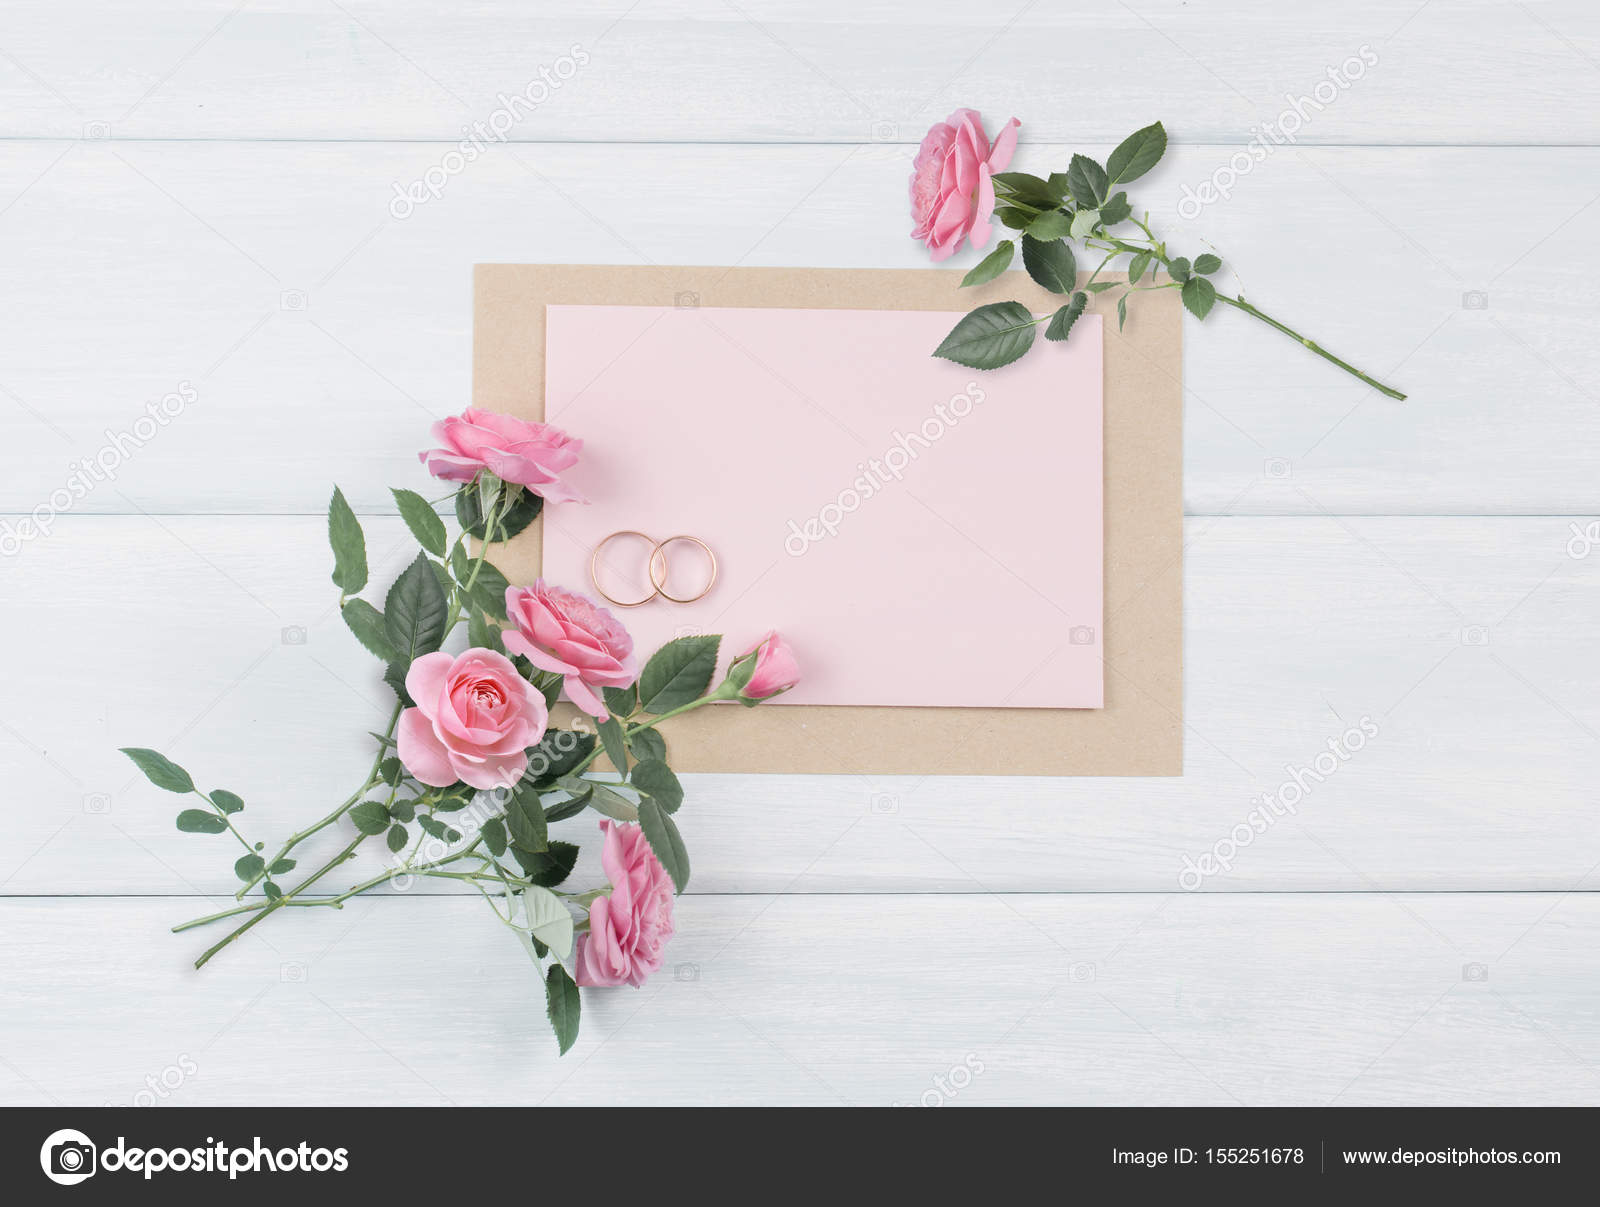 Auguri Per Matrimonio Immagini : Rose rosa e anelli nuziali con carta cartolina d auguri per il